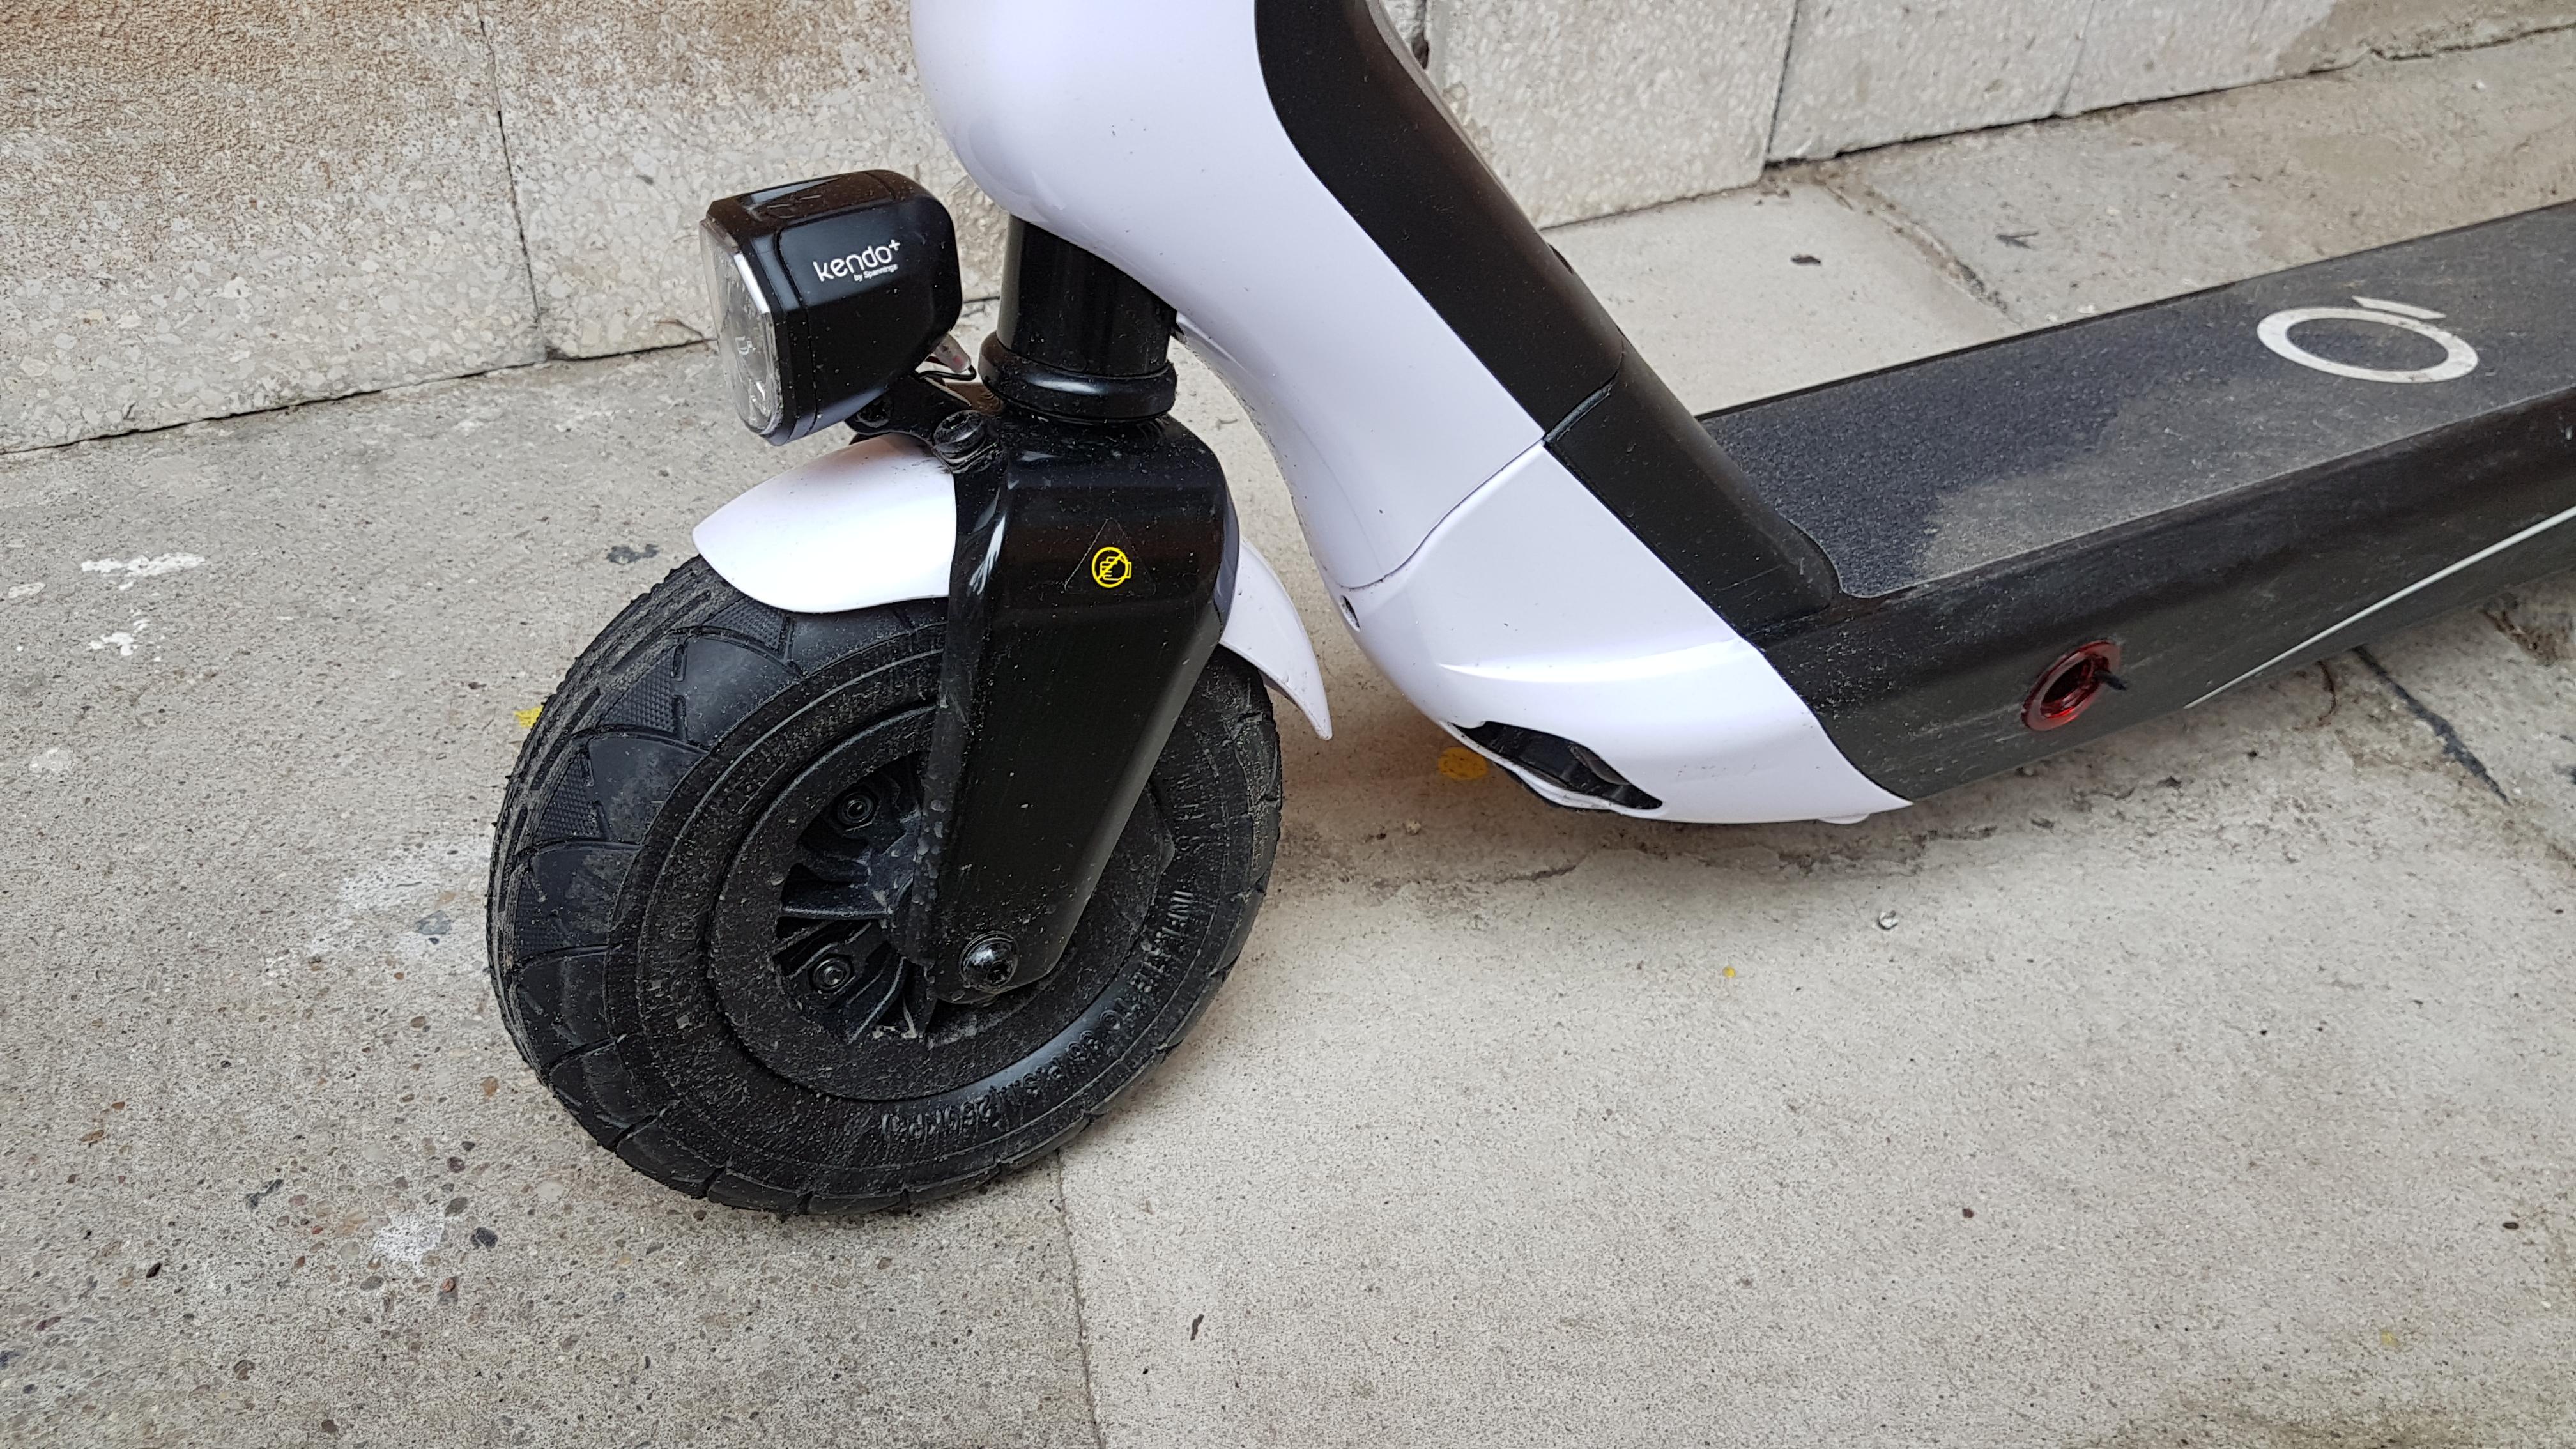 xiaomi-es808-elektromos-roller-teszt-electric-scooter-villany-roller-varosi-kozlekedesi-eszkoz-01.jpg